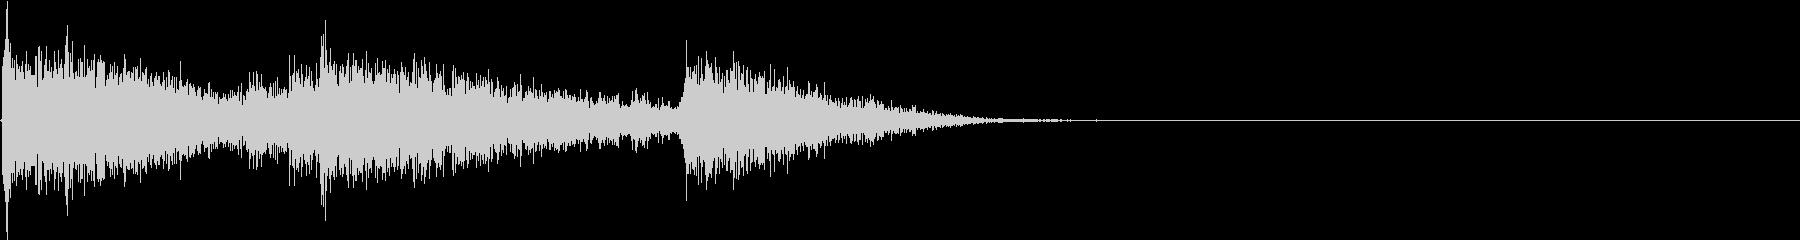 KATANA 刀を落とす音1の未再生の波形